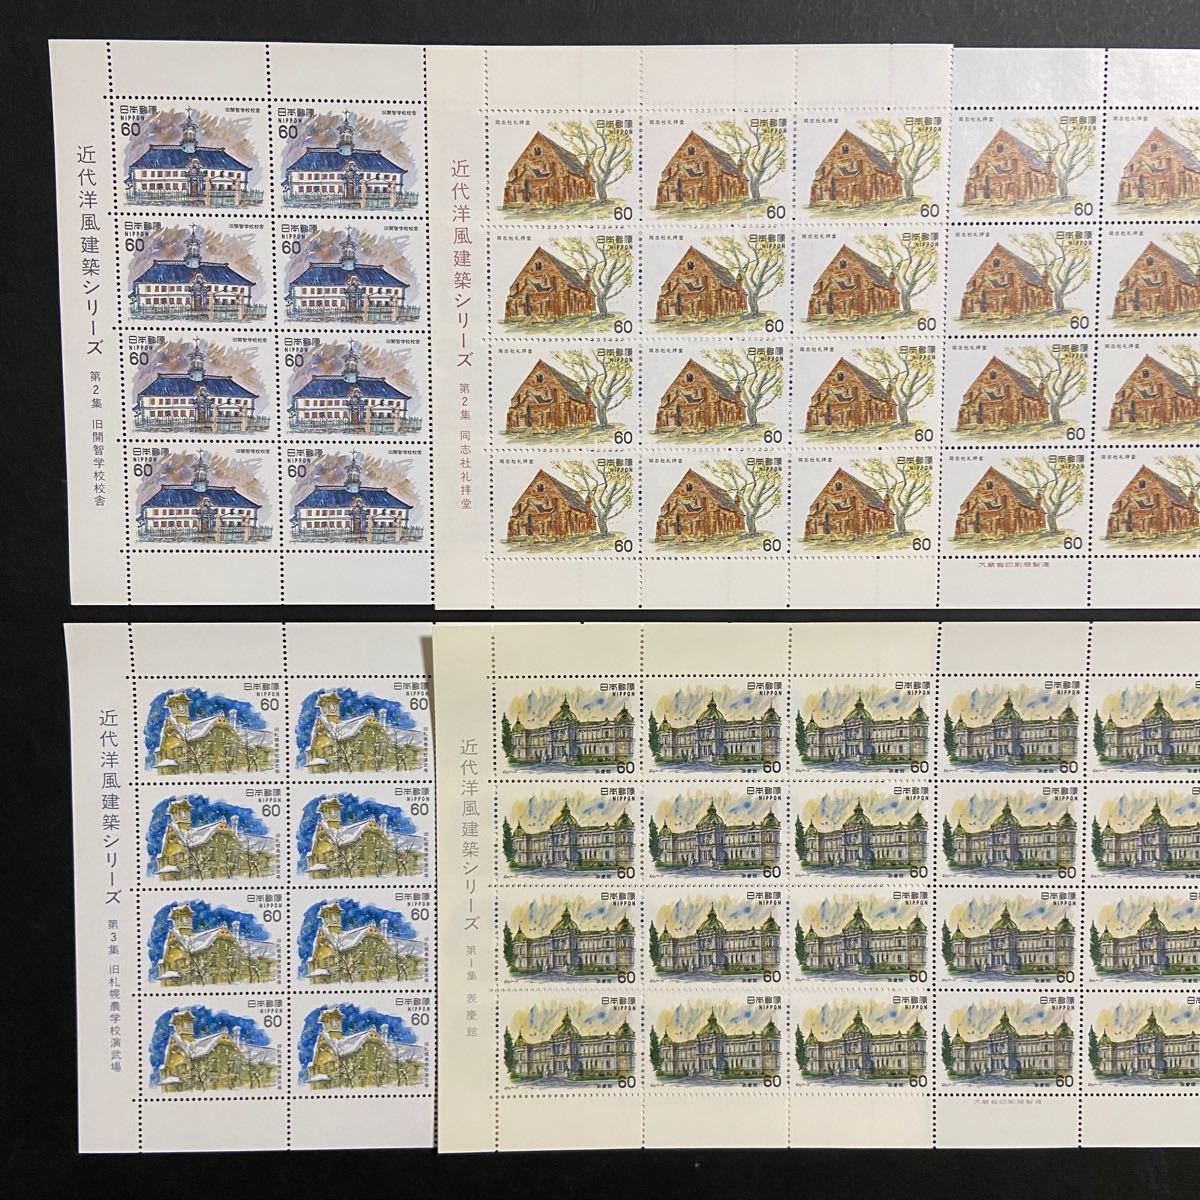 切手 シート 近代洋風建築シリーズ